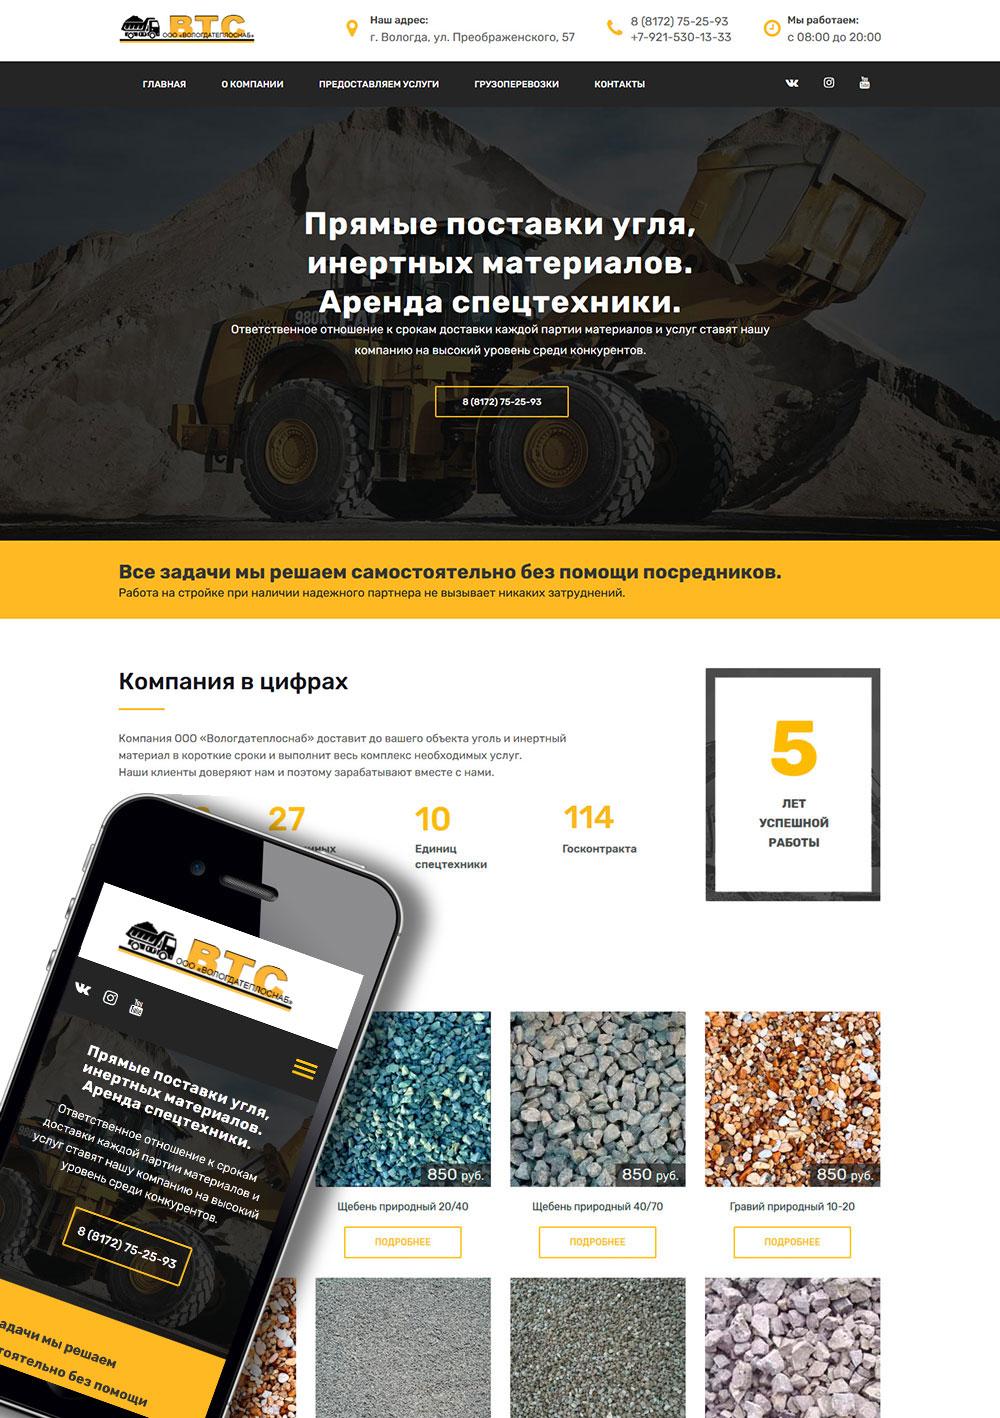 «Вологдатеплоснаб» Купить уголь щебень гравий в Вологде